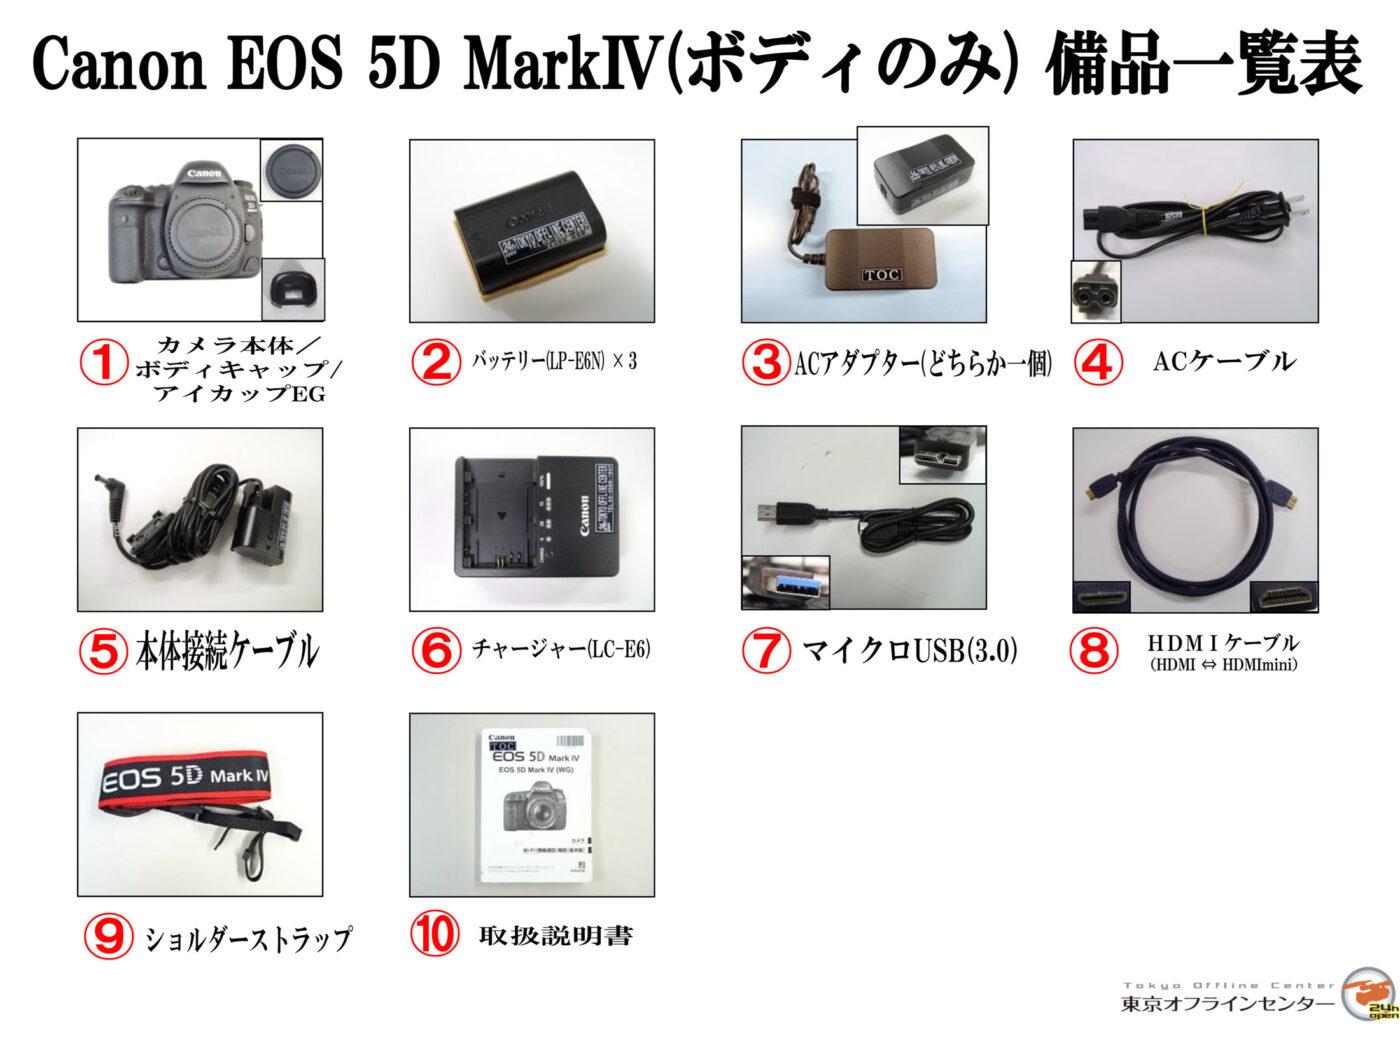 Canon EOS 5D mark IV 備品一覧